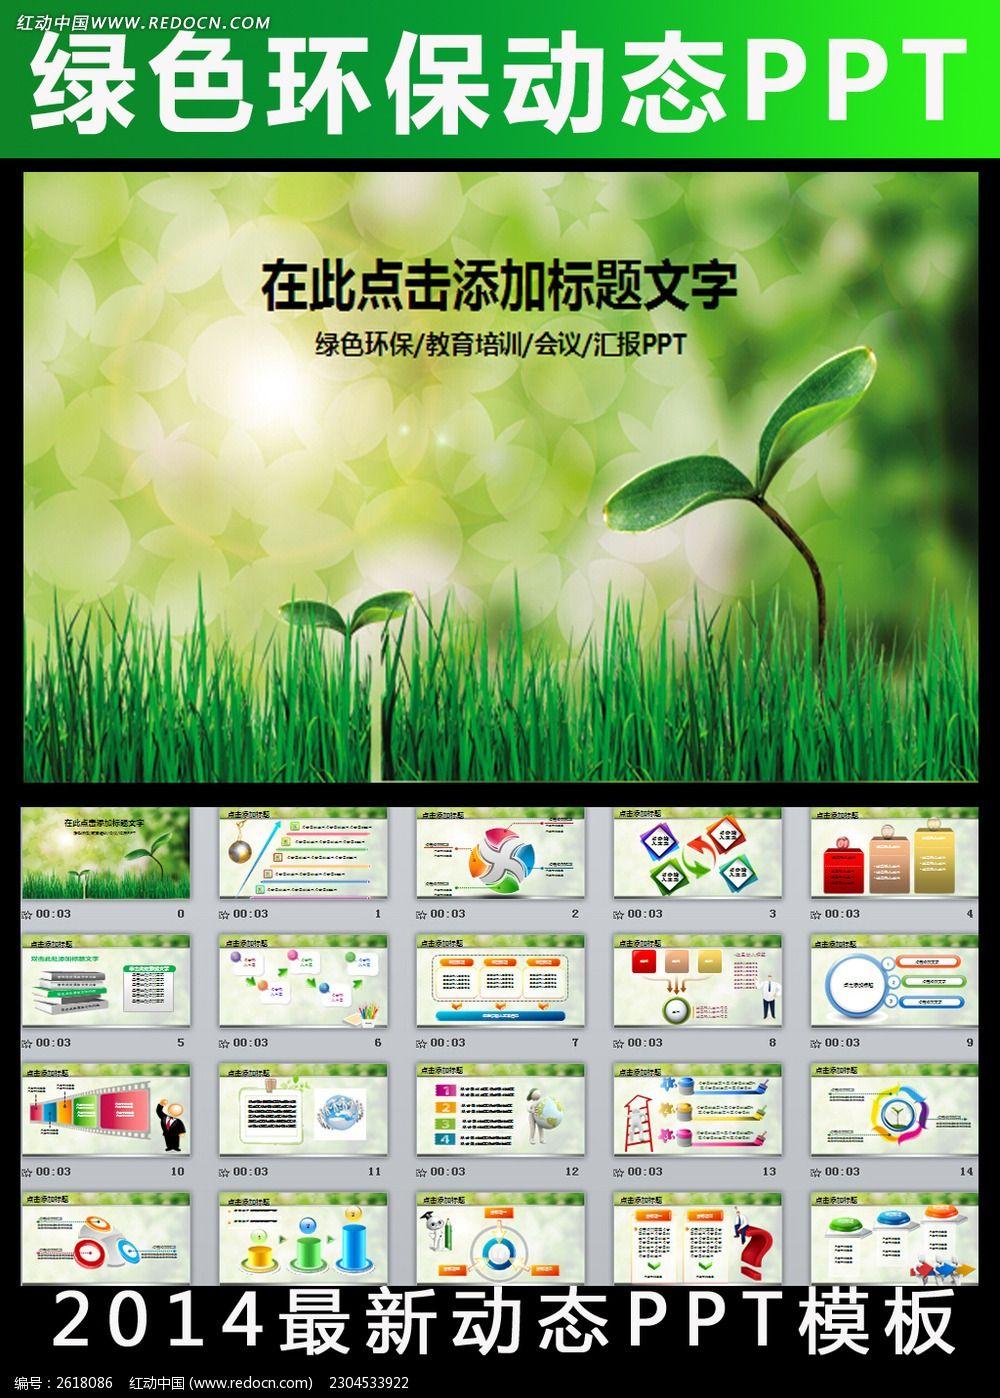 交流 表彰 工作 总结 计划 绿色 爱心树 蝴蝶 成长 教育PPT 环保PPT